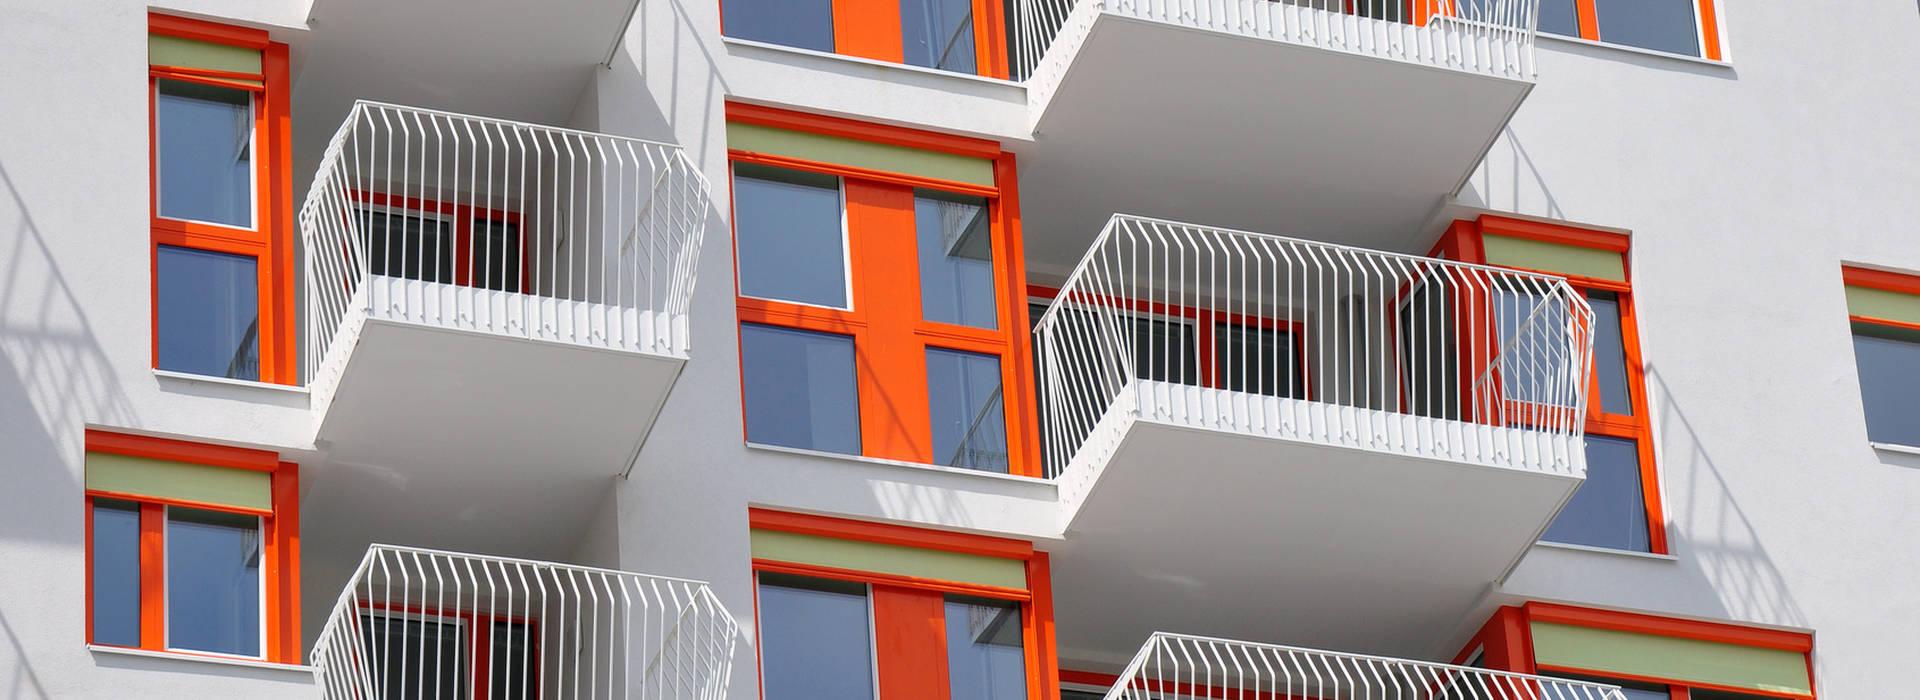 Entwicklung von Wohn- & Lebensformen mit Zukunft